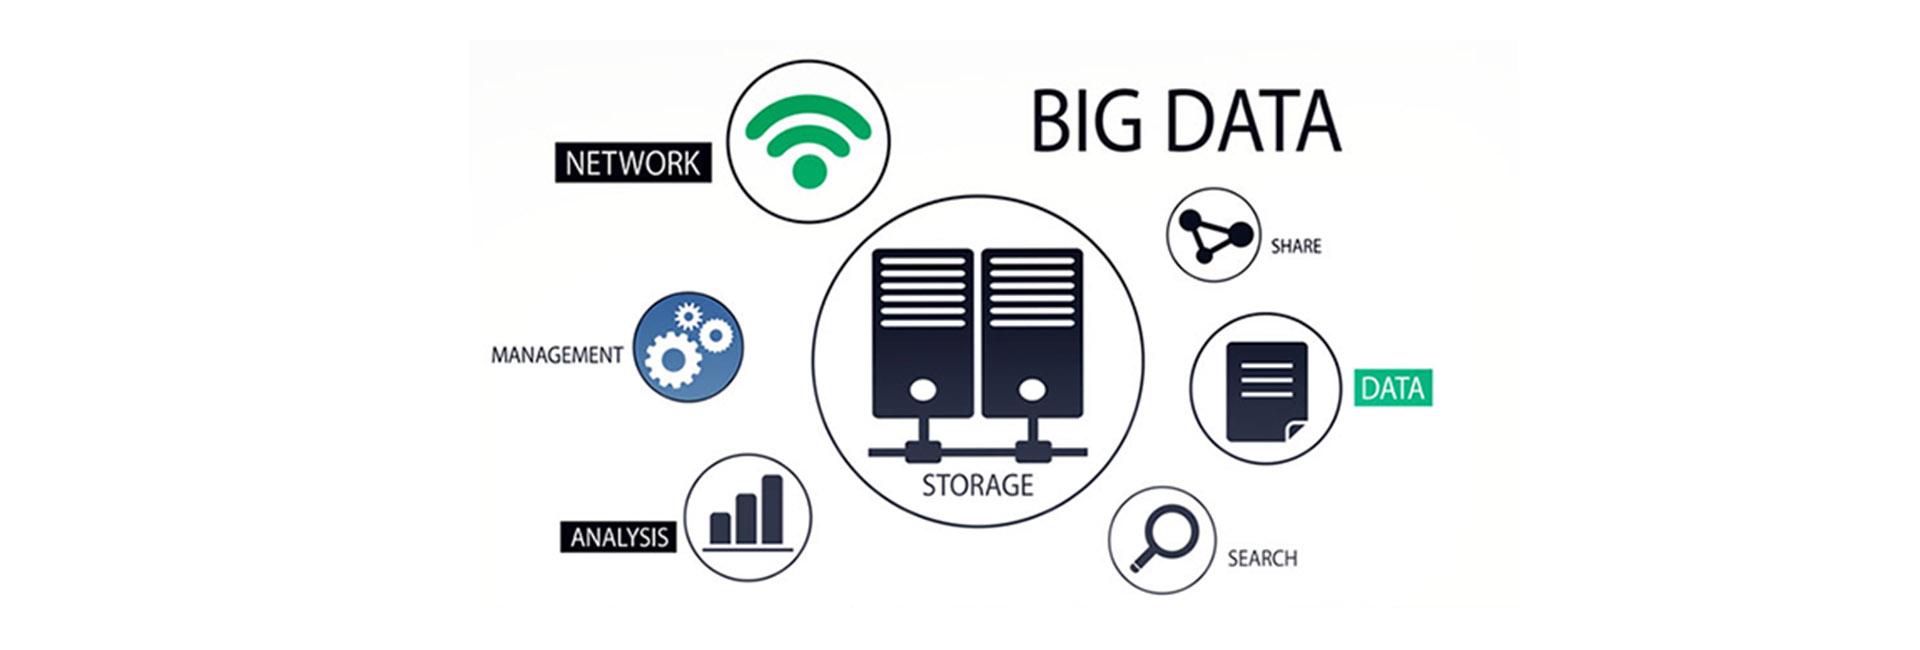 Četvrta industrijska revolucija i budućnost istraživanja tržišta: podaci kao nova nafta